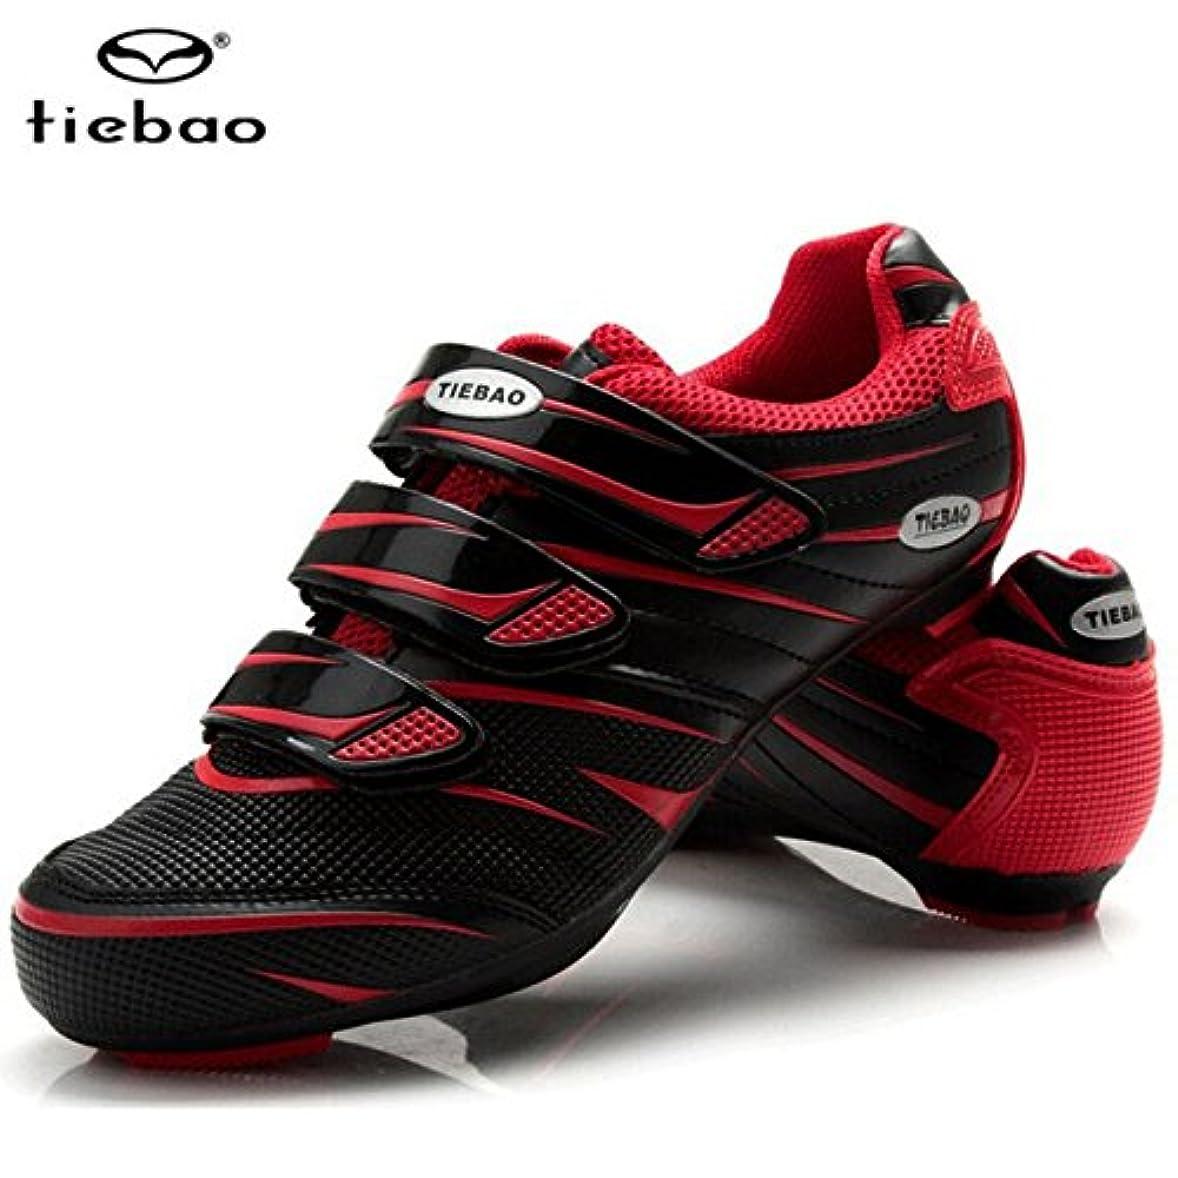 証明する多用途標高サイクリングシューズロードアスレチックバイク通気性自転車靴red black_7.5_26.0cm